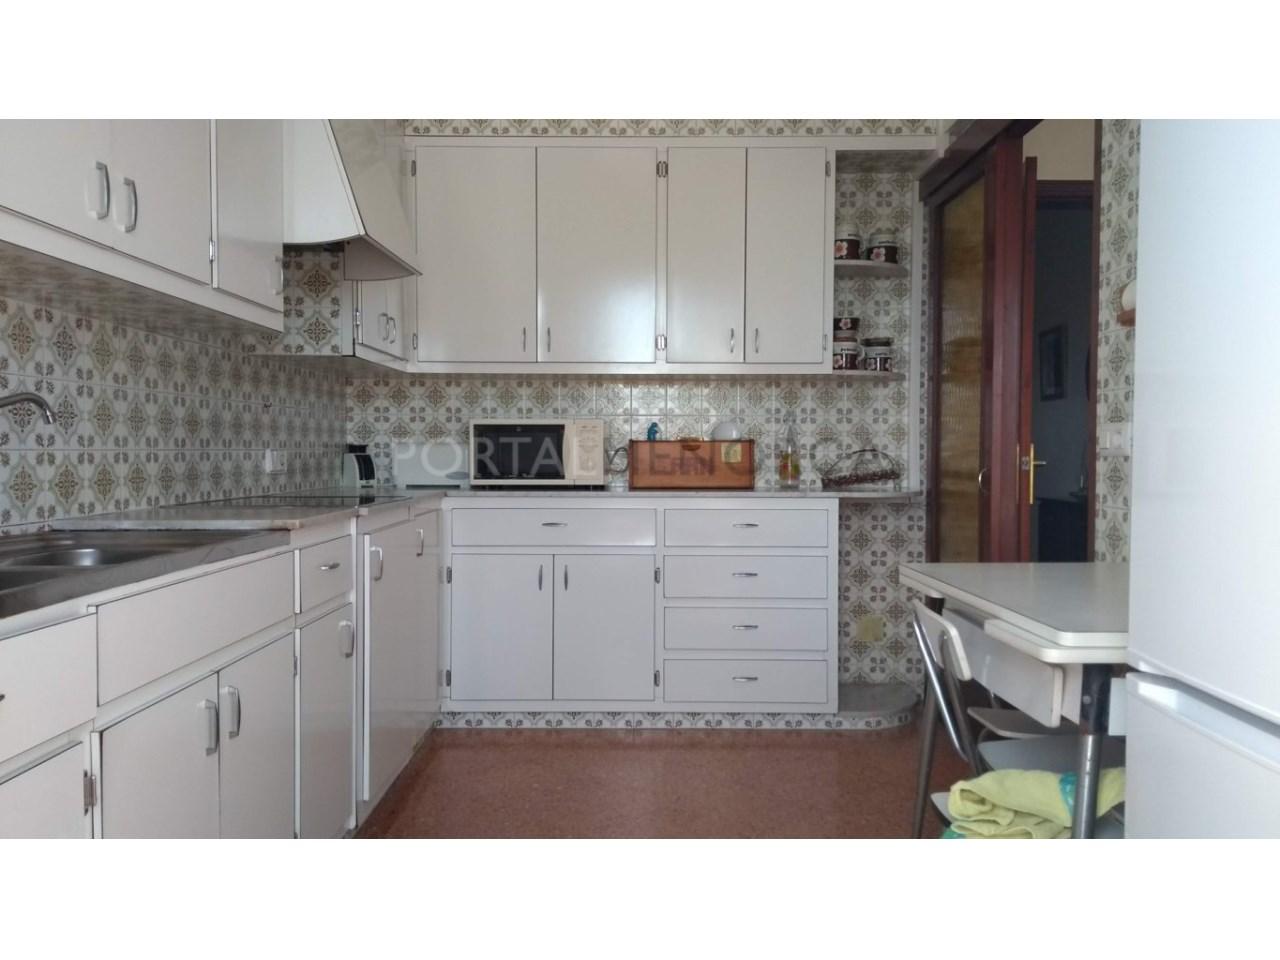 Apartment for sale in Ciutadella-Kitchen